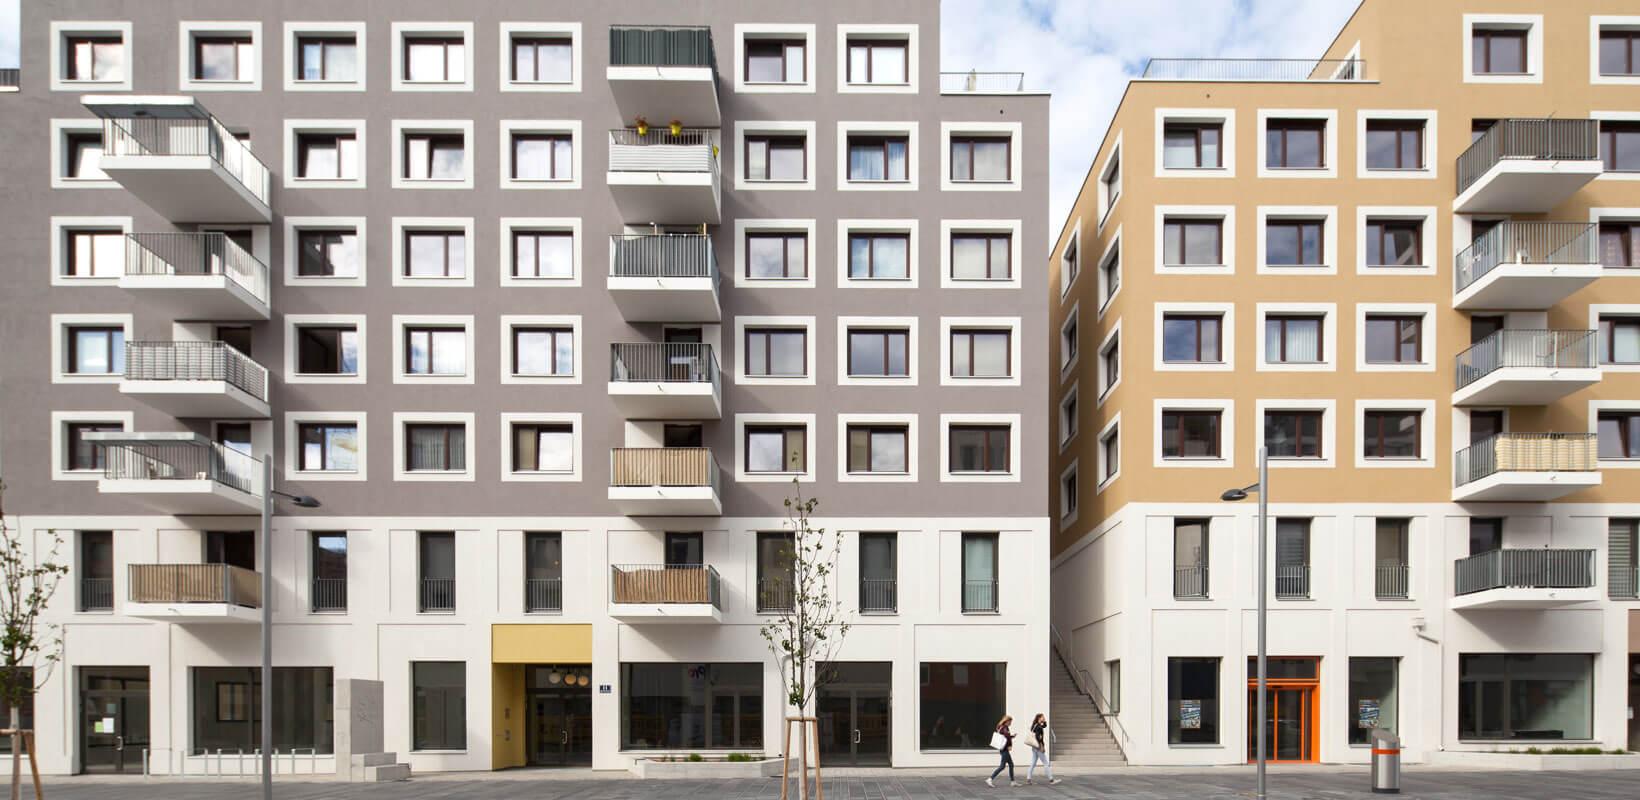 Vizualizace pření strany rezidenčního projektu: Dům pro život, Aspern, Rakousko